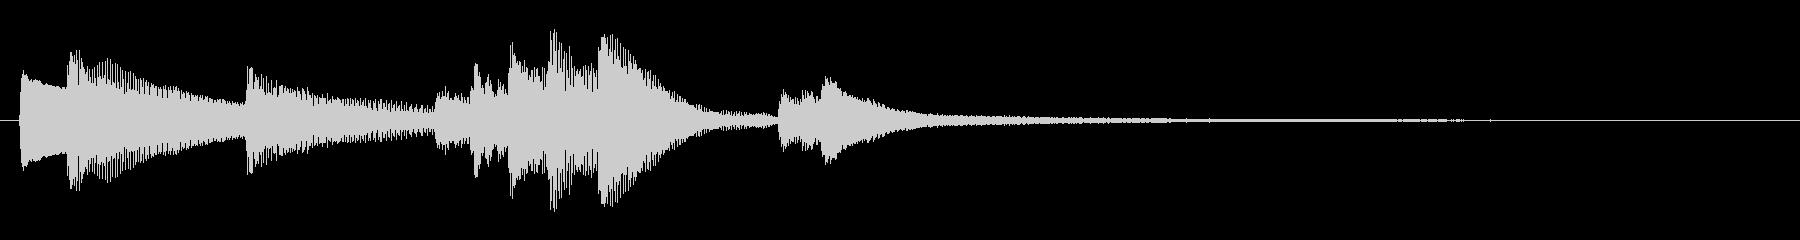 トロイメライのピアノジングル 1_鳥なしの未再生の波形